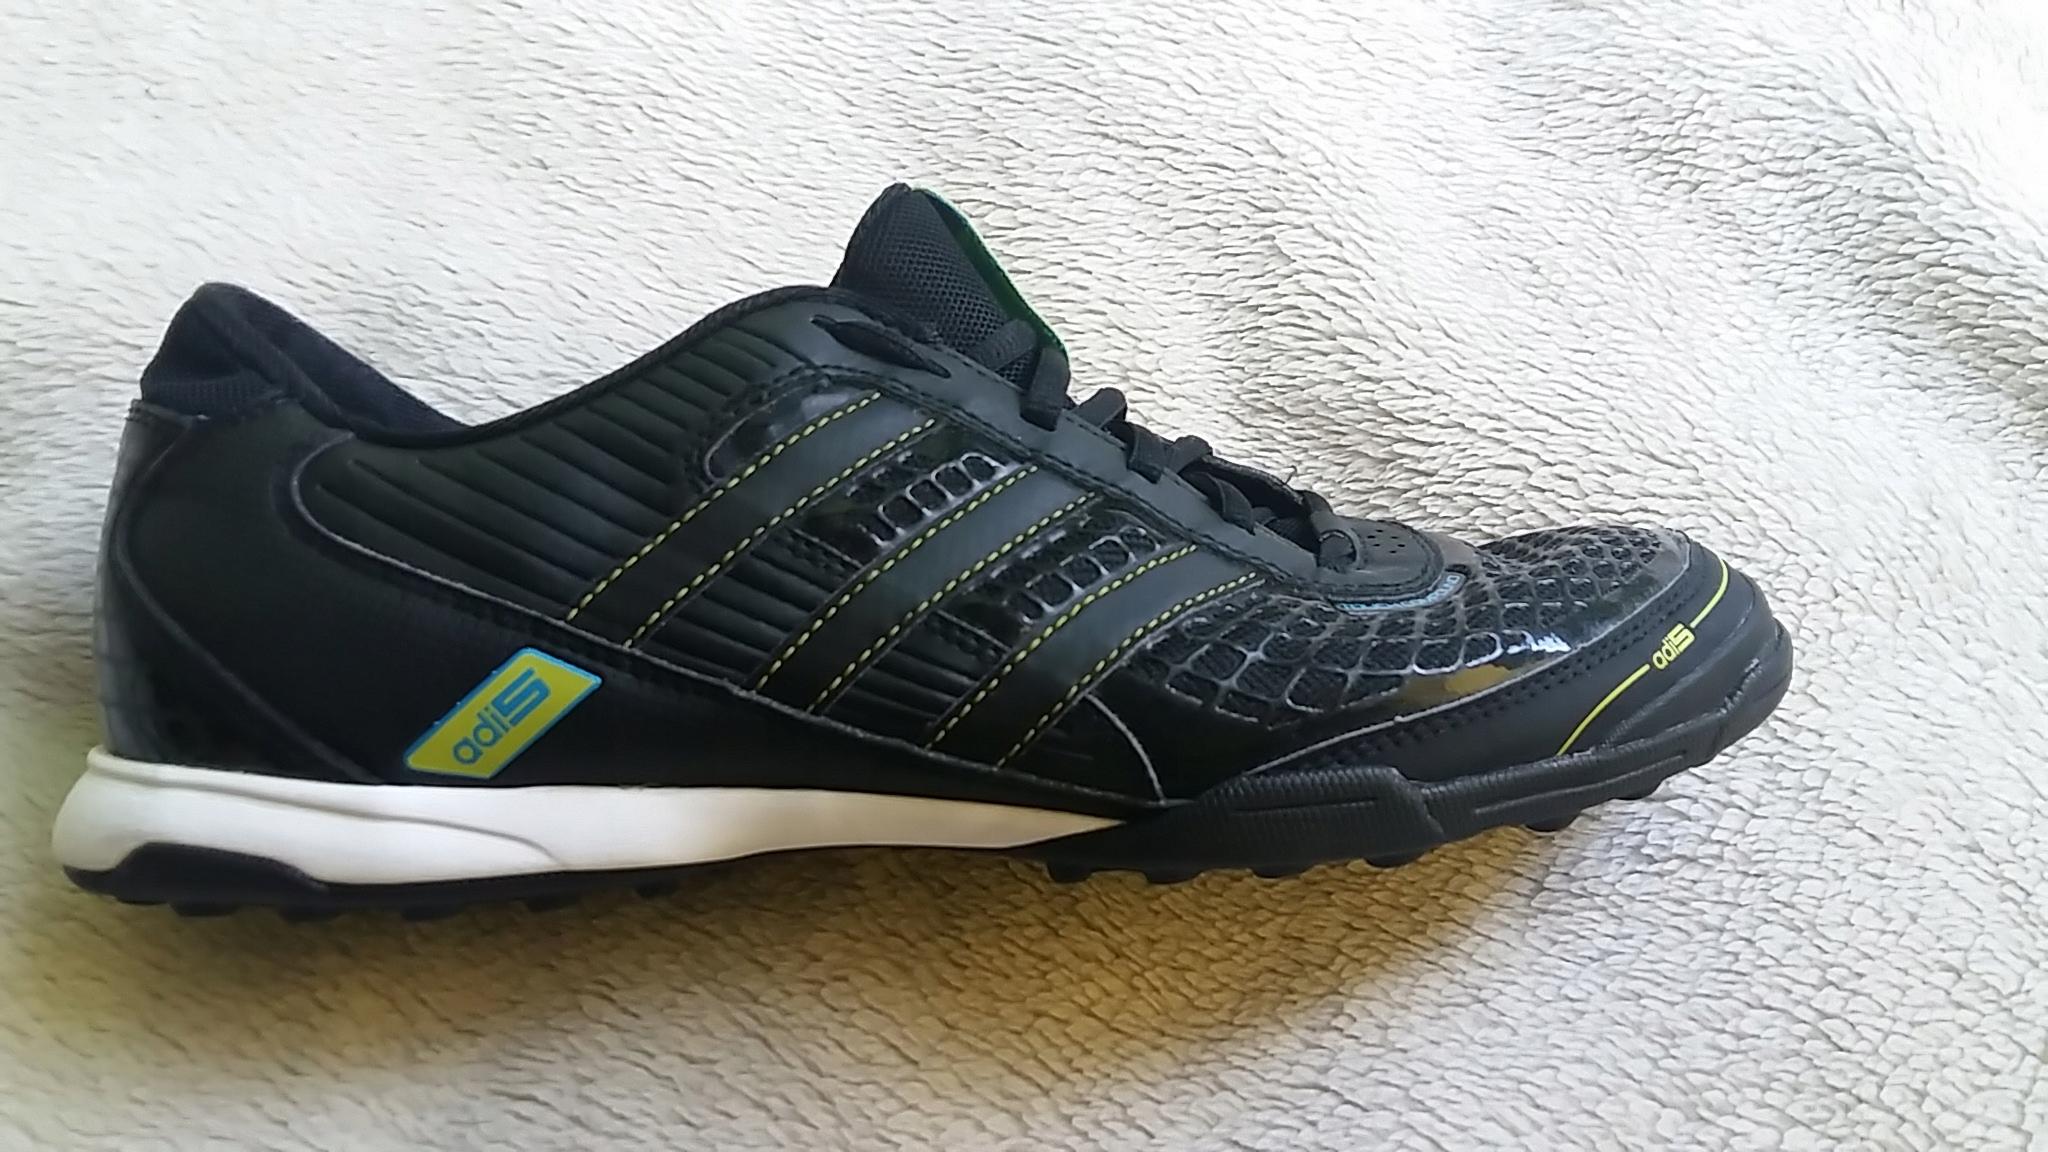 aa93d4561a7c Adidas adiprene buty męskie 43 1 3 jak nowe - 7477428664 - oficjalne ...